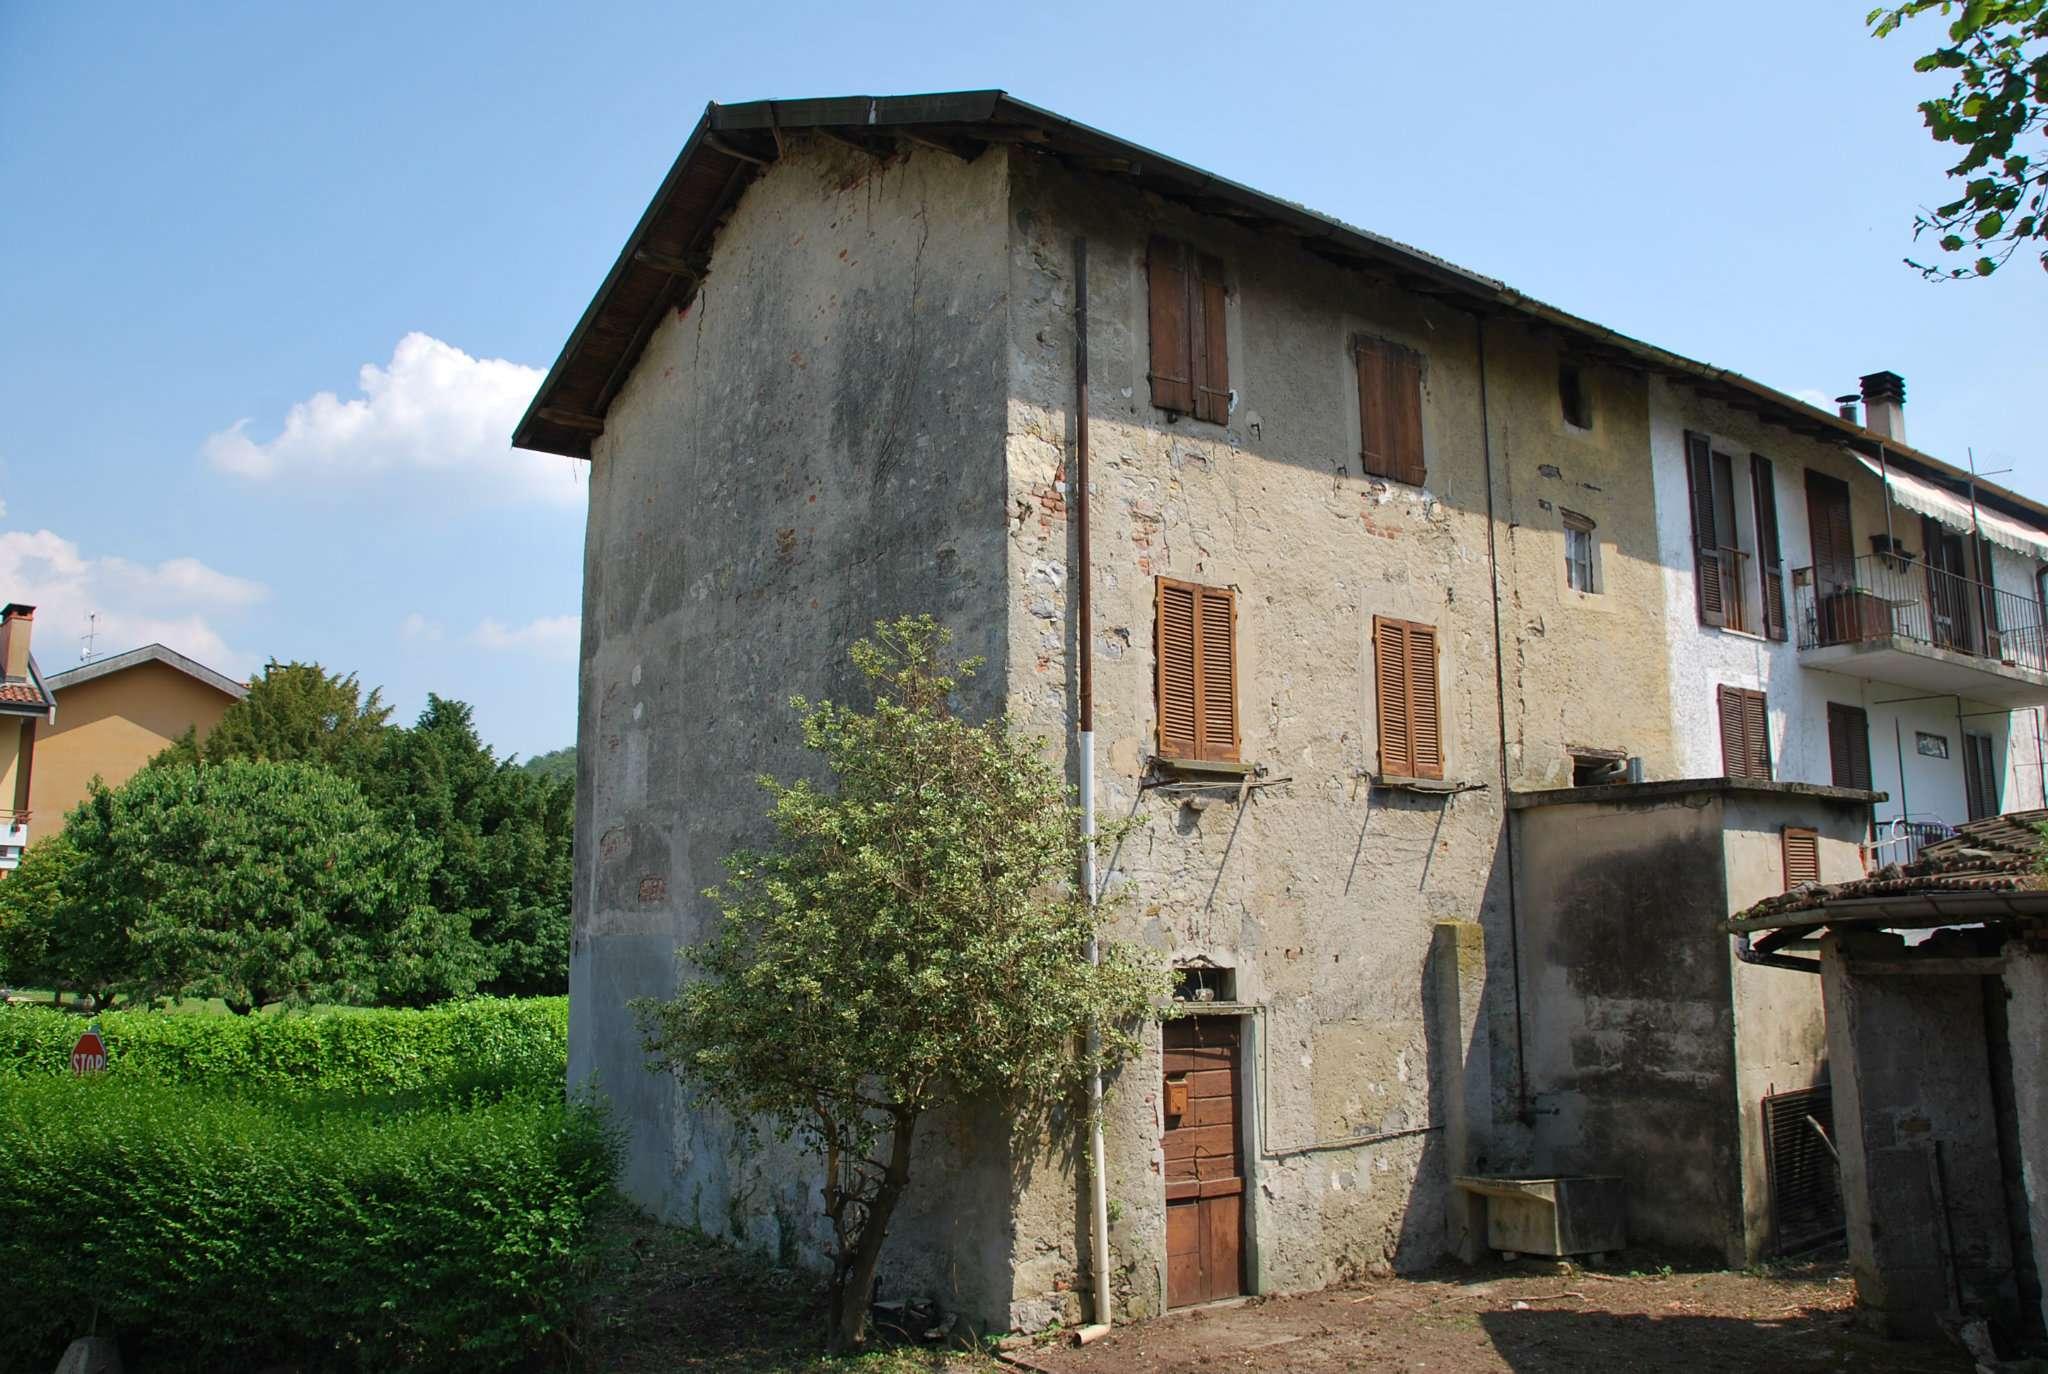 Appartamento in vendita a Laveno-Mombello, 4 locali, prezzo € 50.000 | CambioCasa.it